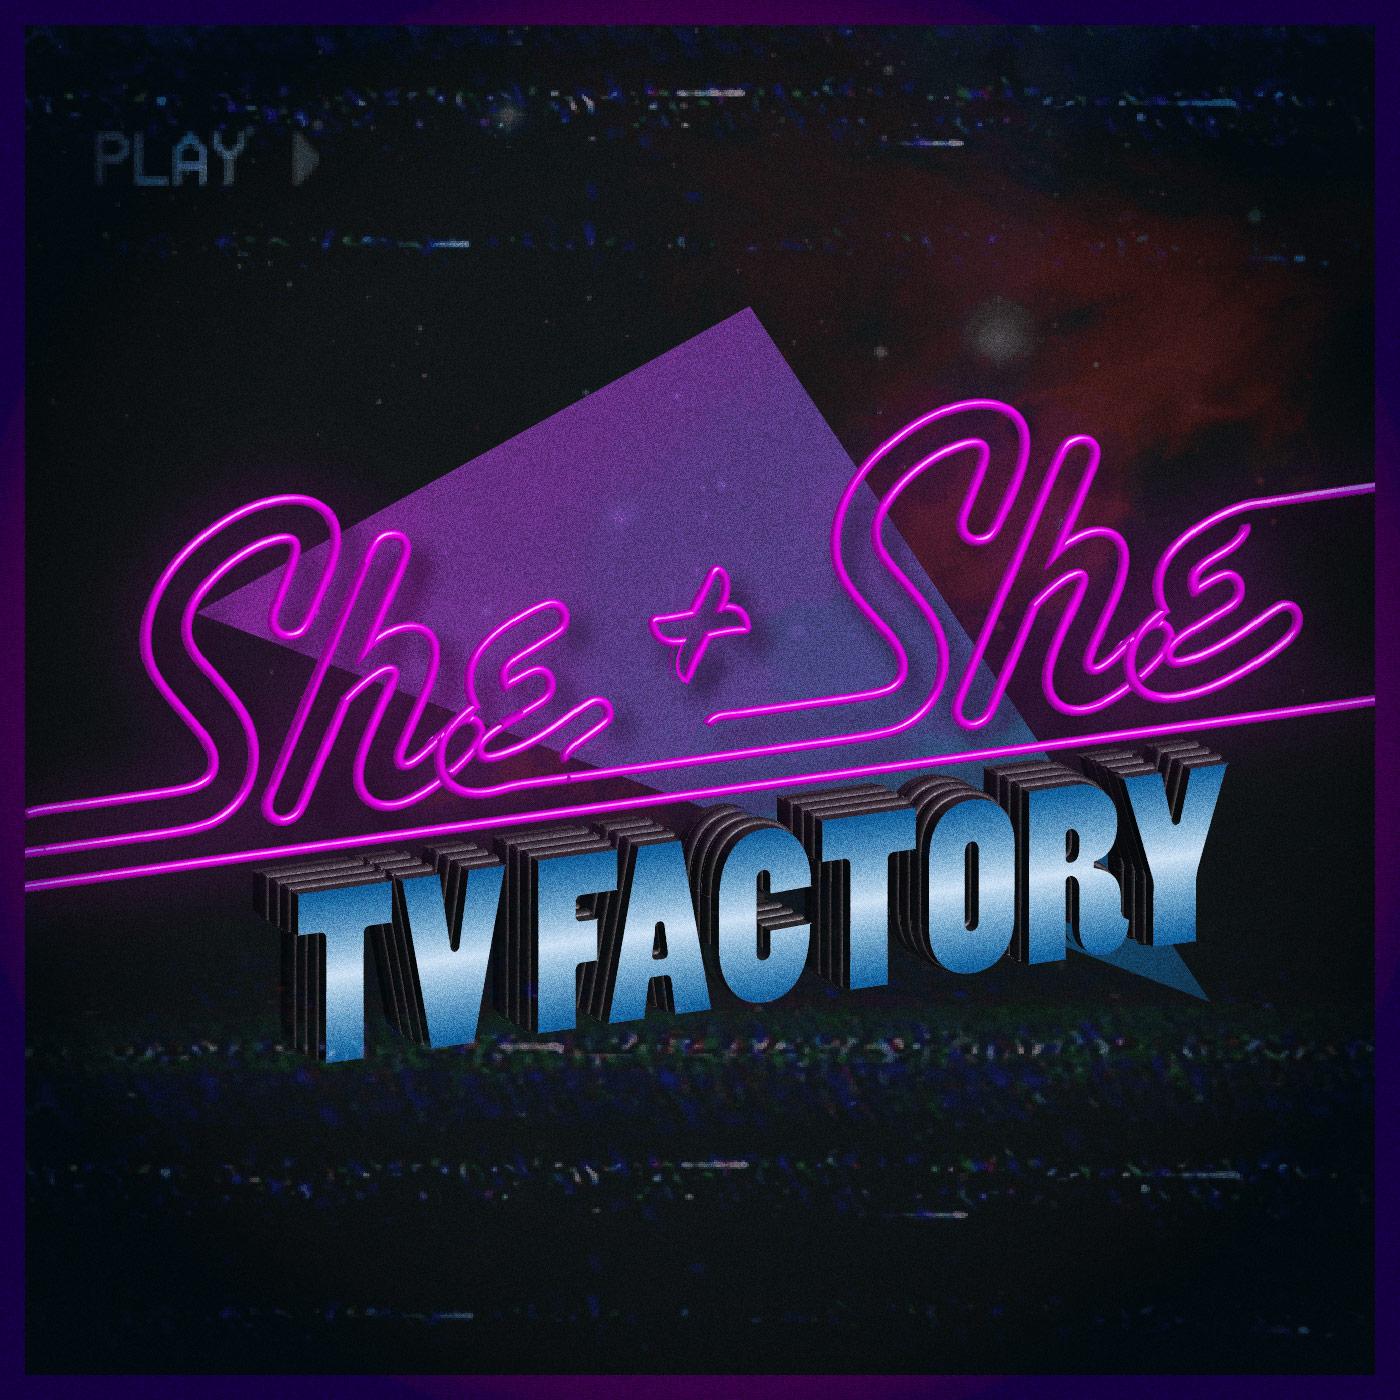 She + She TV Factory